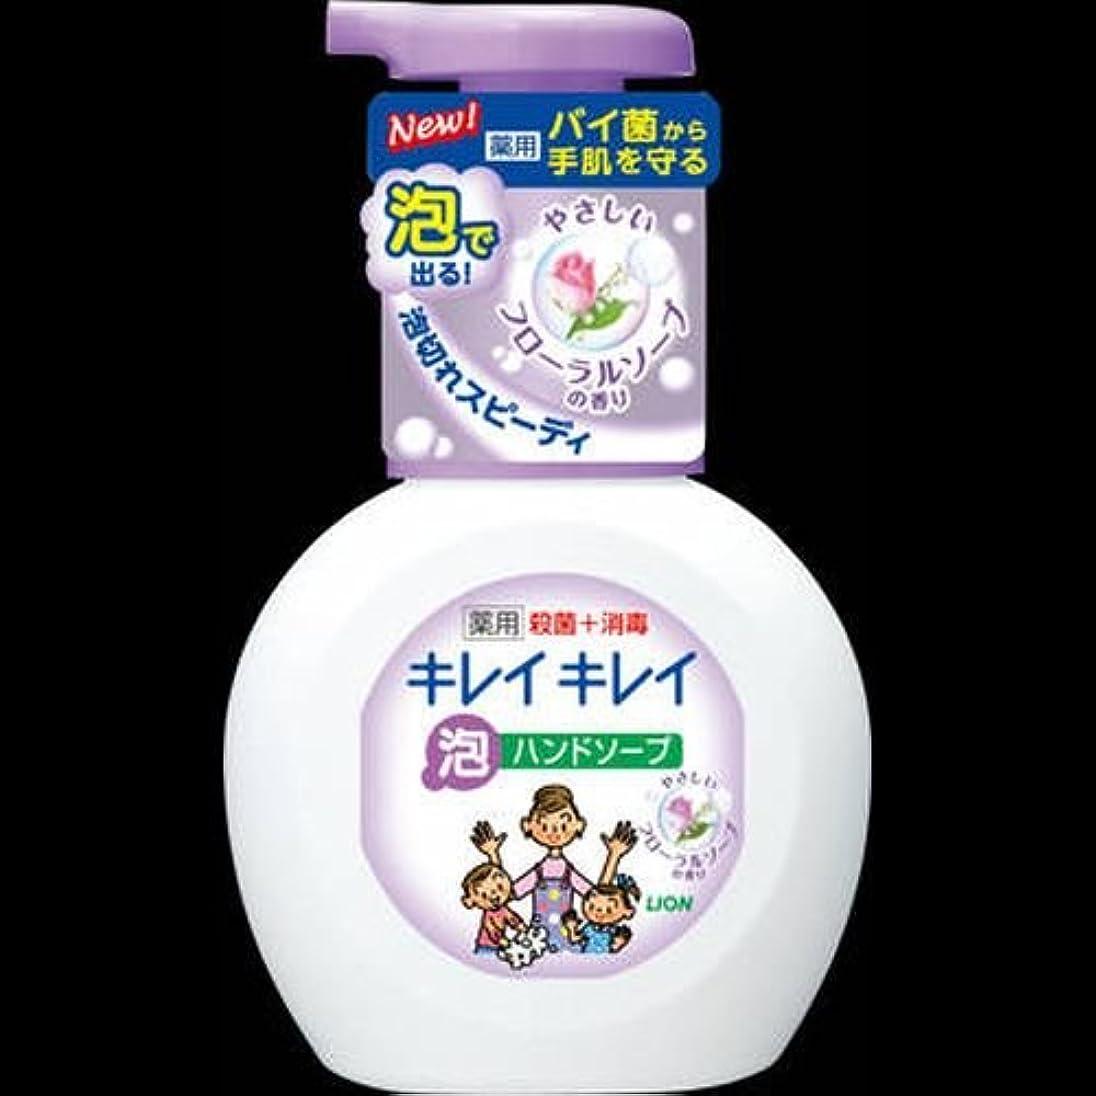 用語集選挙ラップキレイキレイ 薬用泡ハンドソープ フローラルソープの香り ポンプ 250mL ×2セット